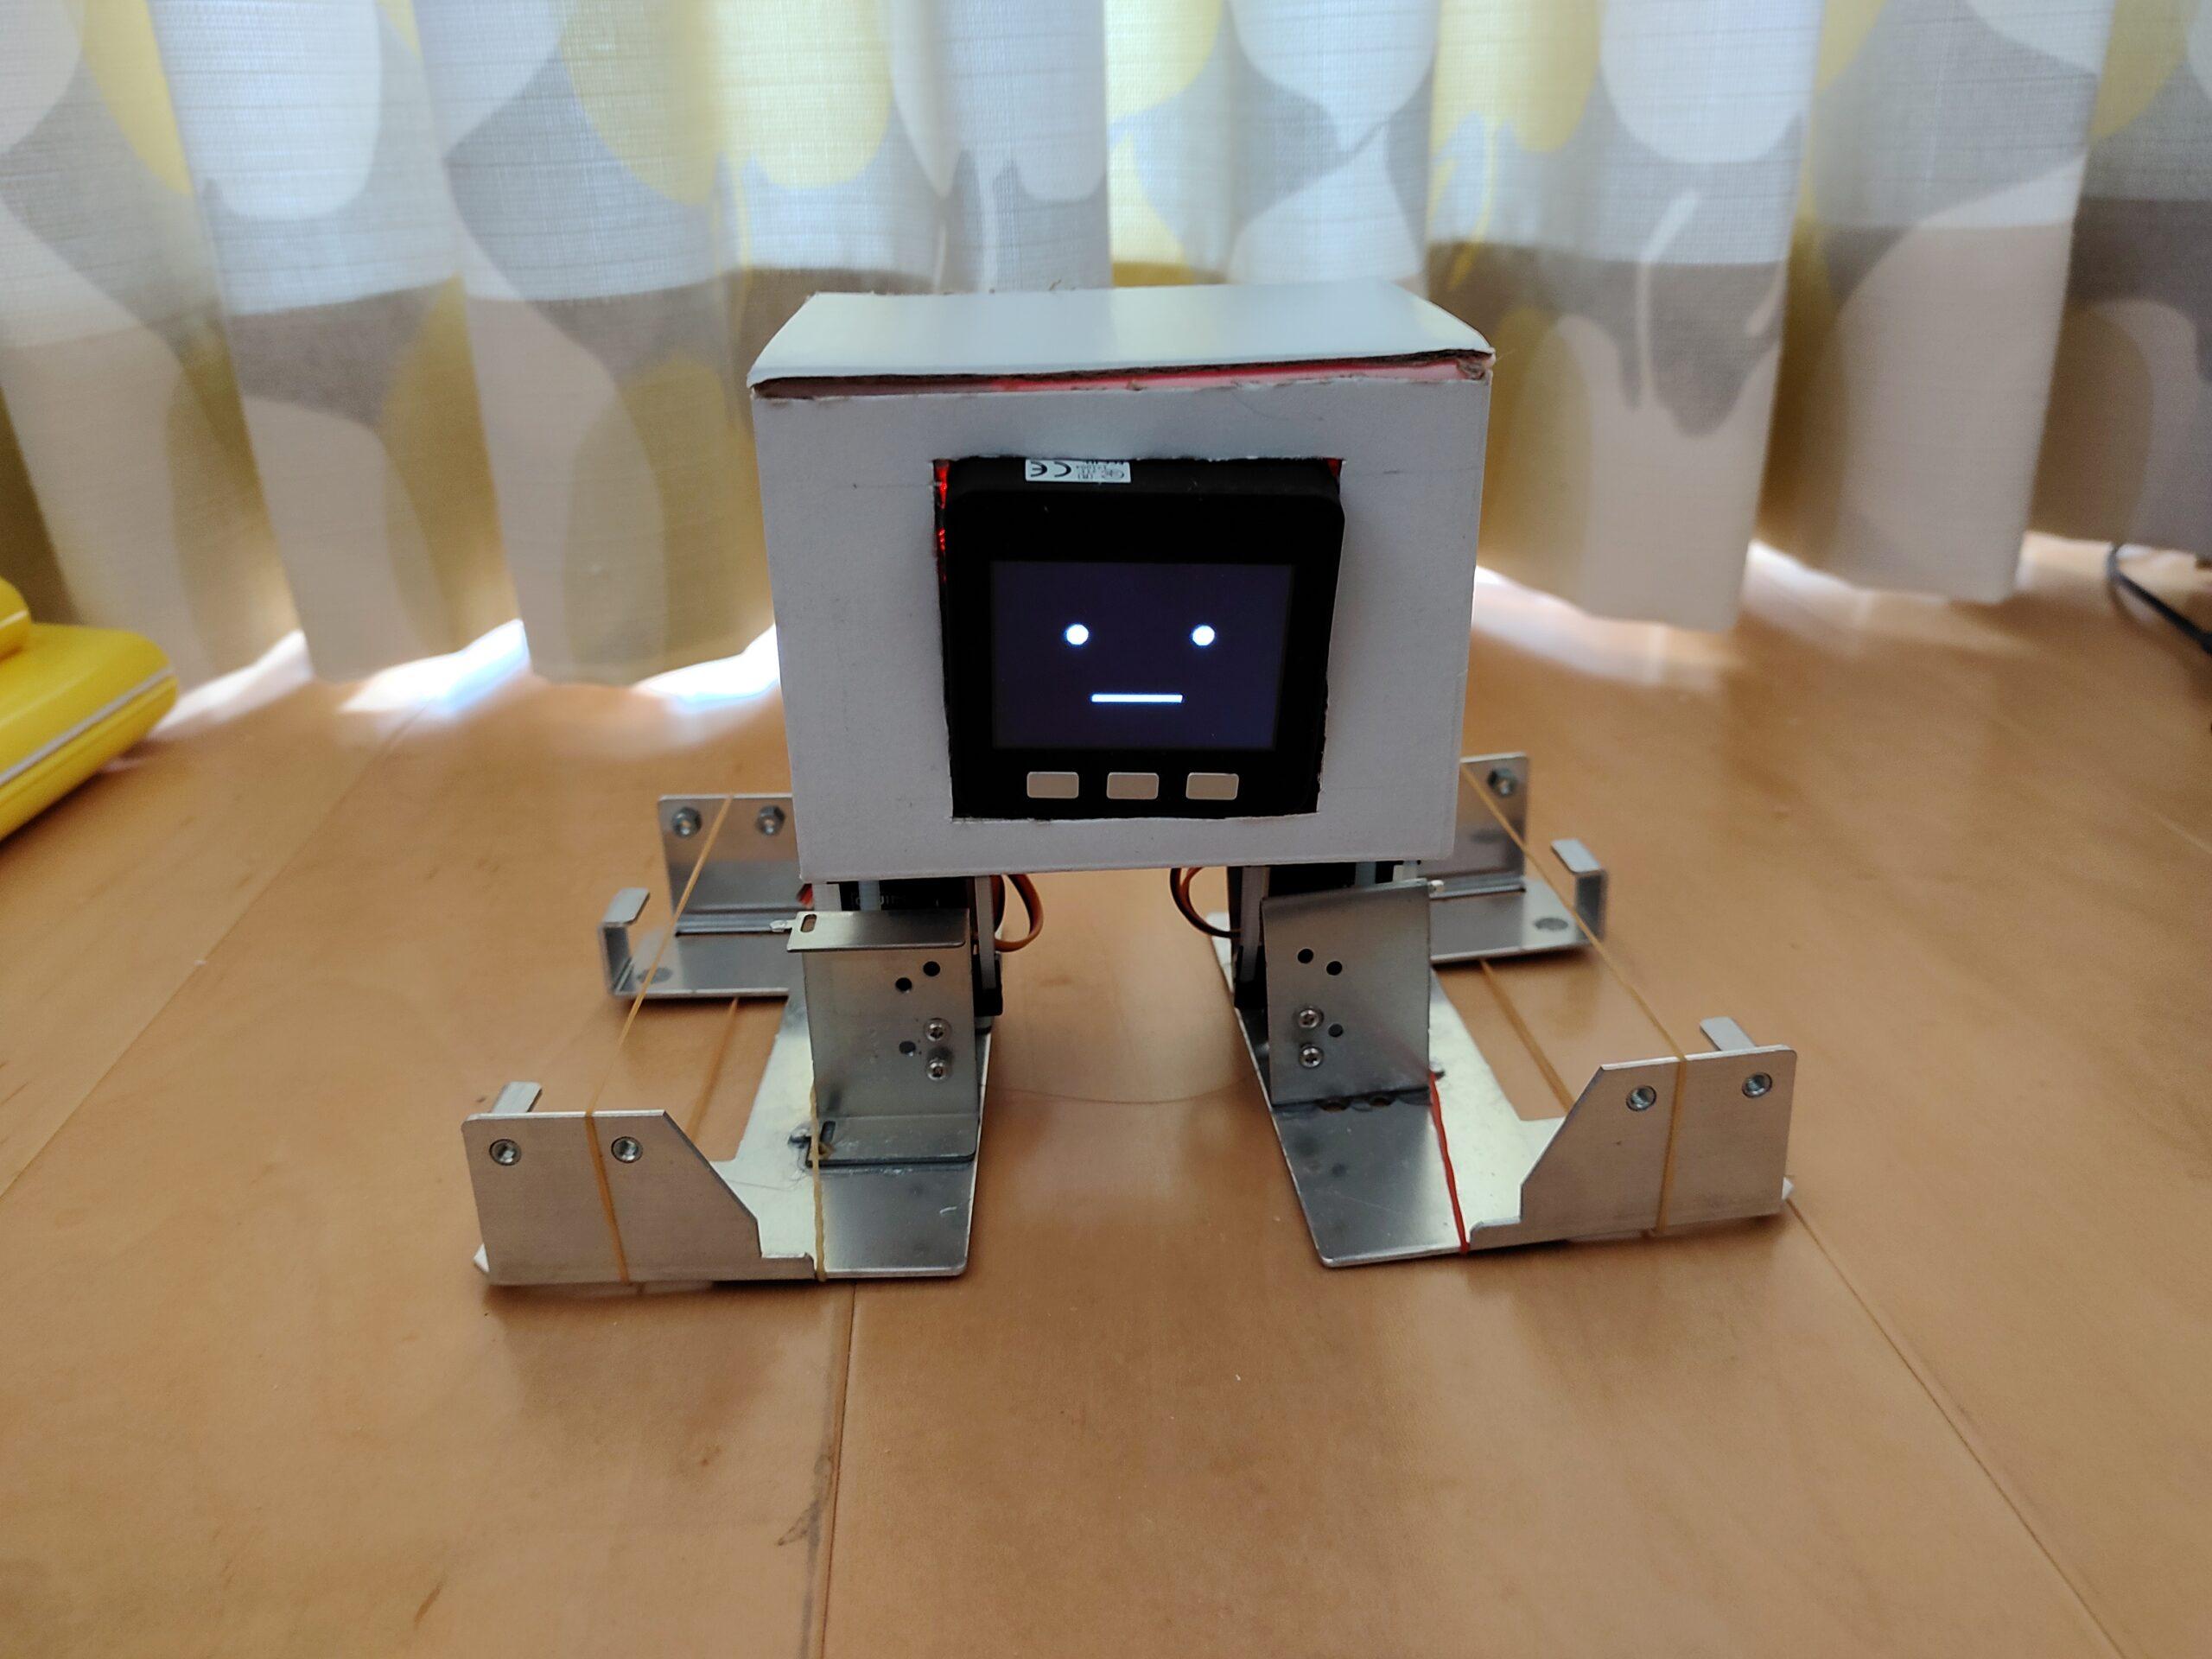 M5stackで2足歩行ロボットの作成⑦【完成】「フラッシュROMにmain.pyを格納、脳みそにハードウェア一式を入れて完成!」